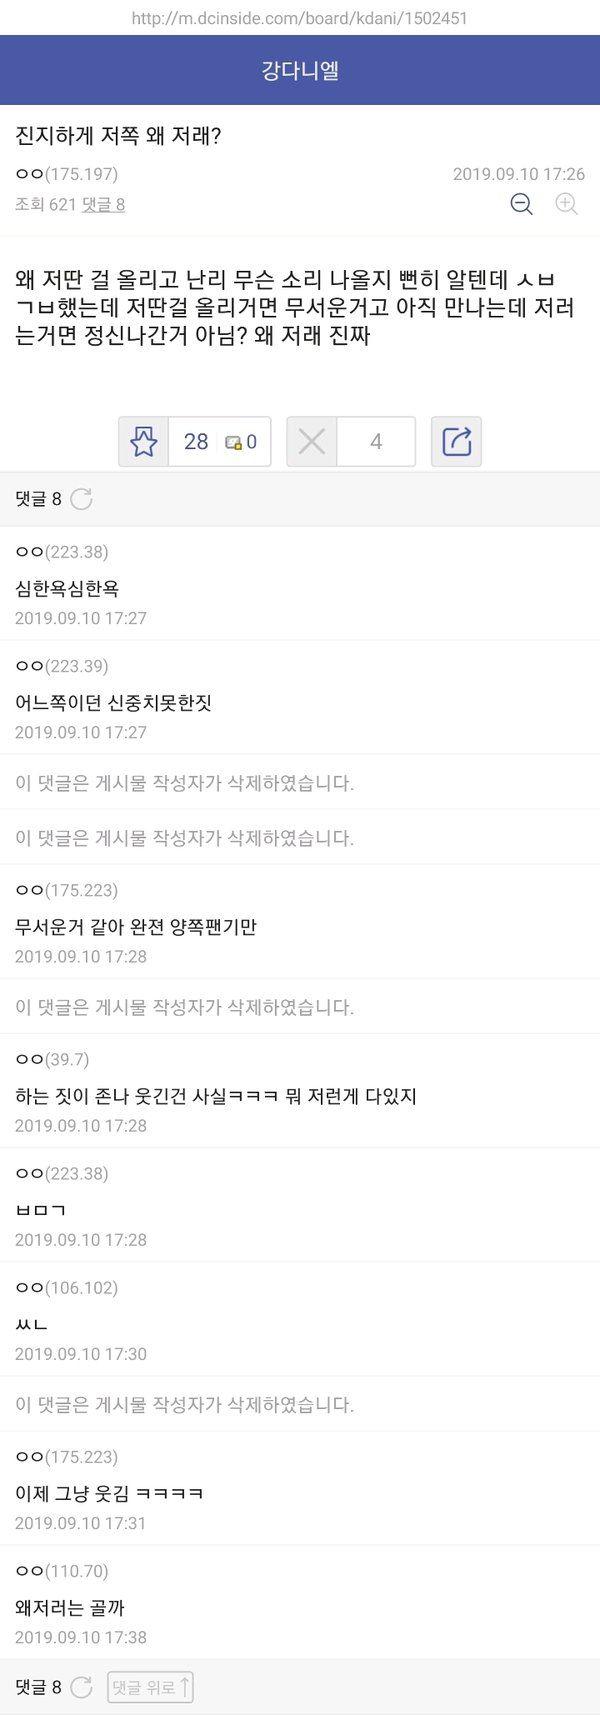 Trên các diễn đàn về Kpop tại Hàn Quốc, bức ảnh của Jihyo đã nhận về nhiều lời lẽ khó nghe.